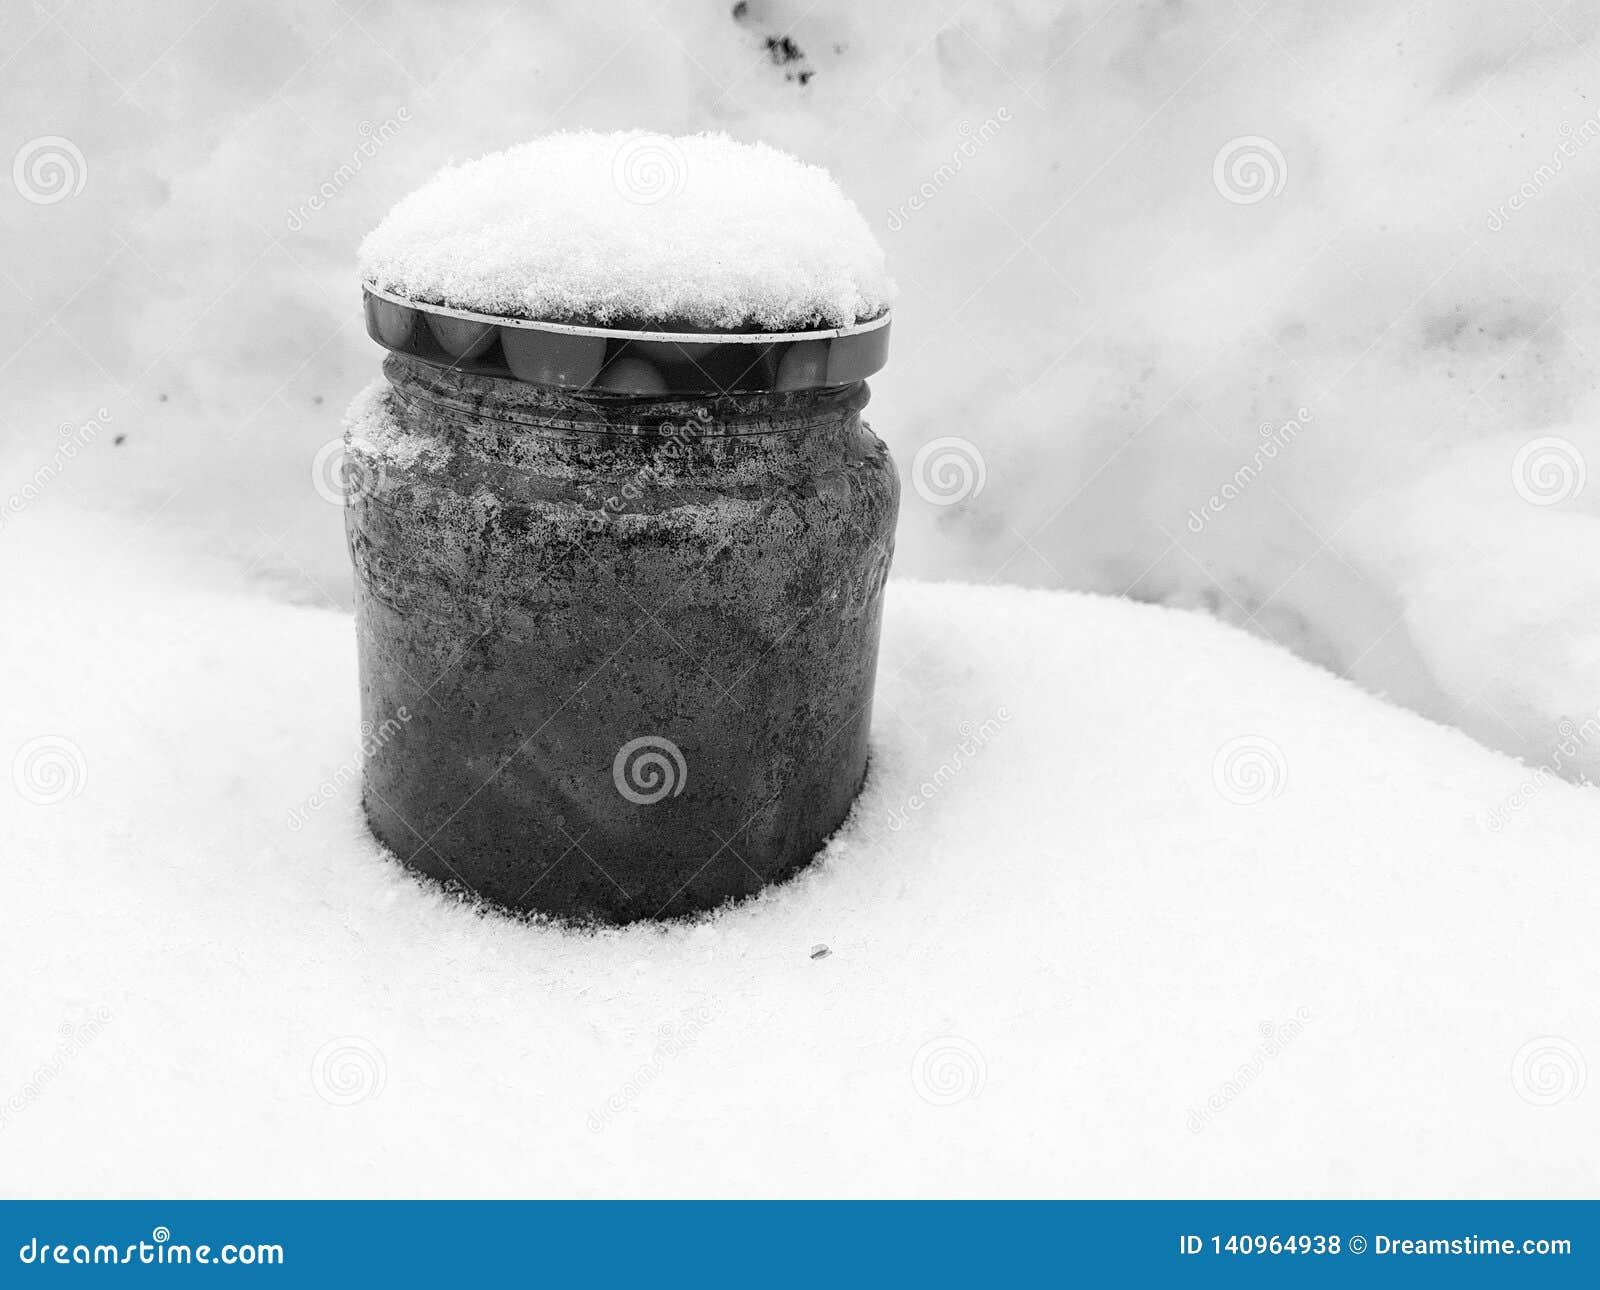 Ashtray - τράπεζα με τις άκρες τσιγάρων στο χιόνι